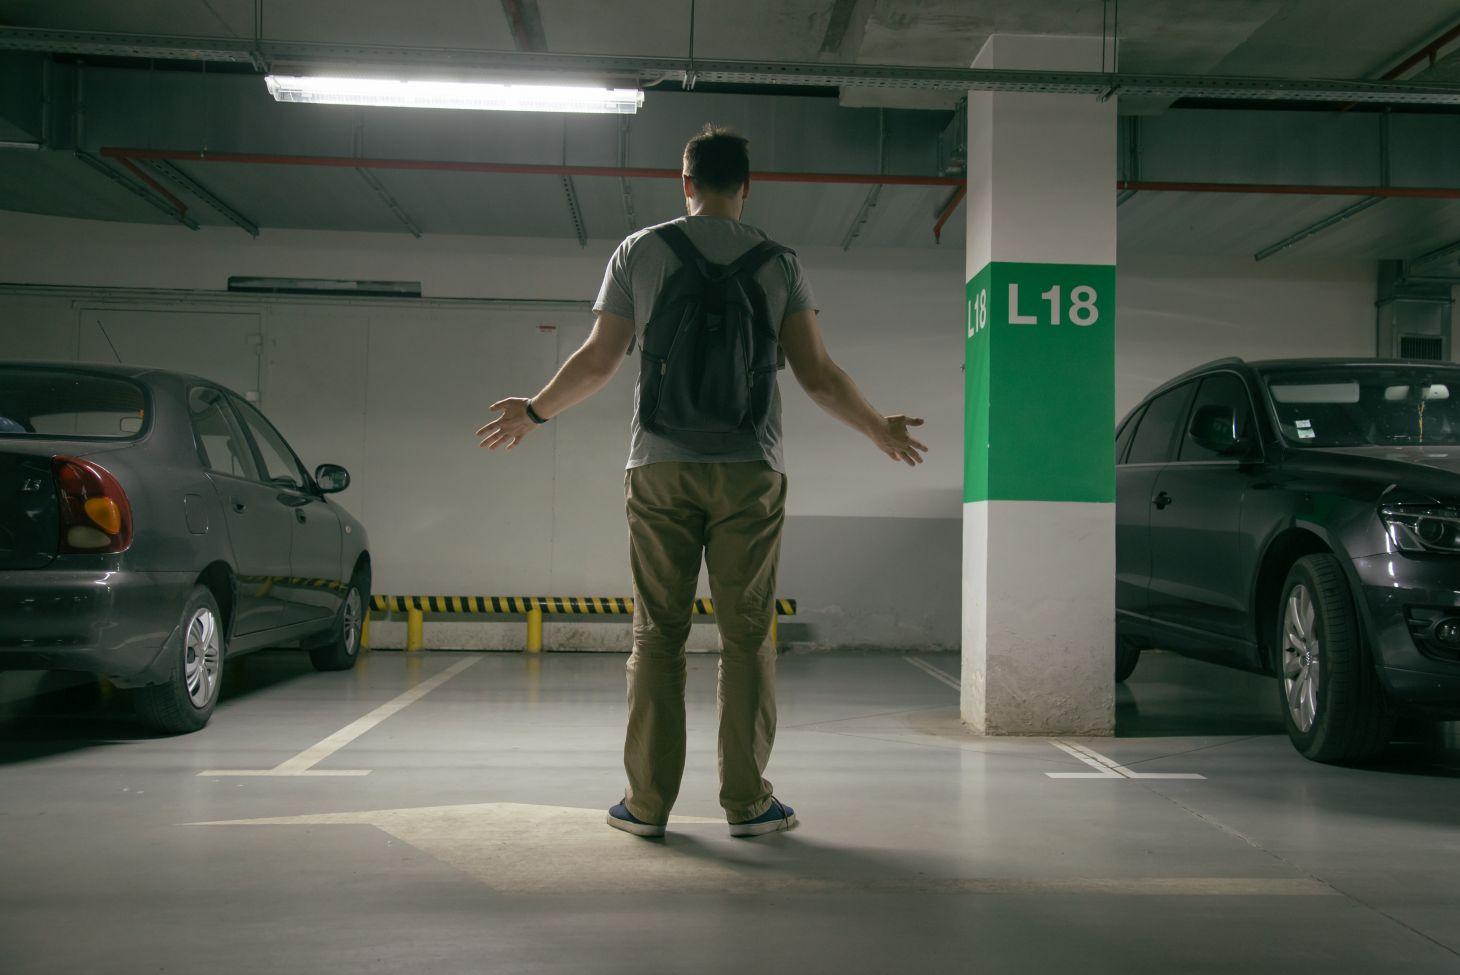 homem abre os braços em frente a vaga de estacionamento indicando que seu carro foi roubado